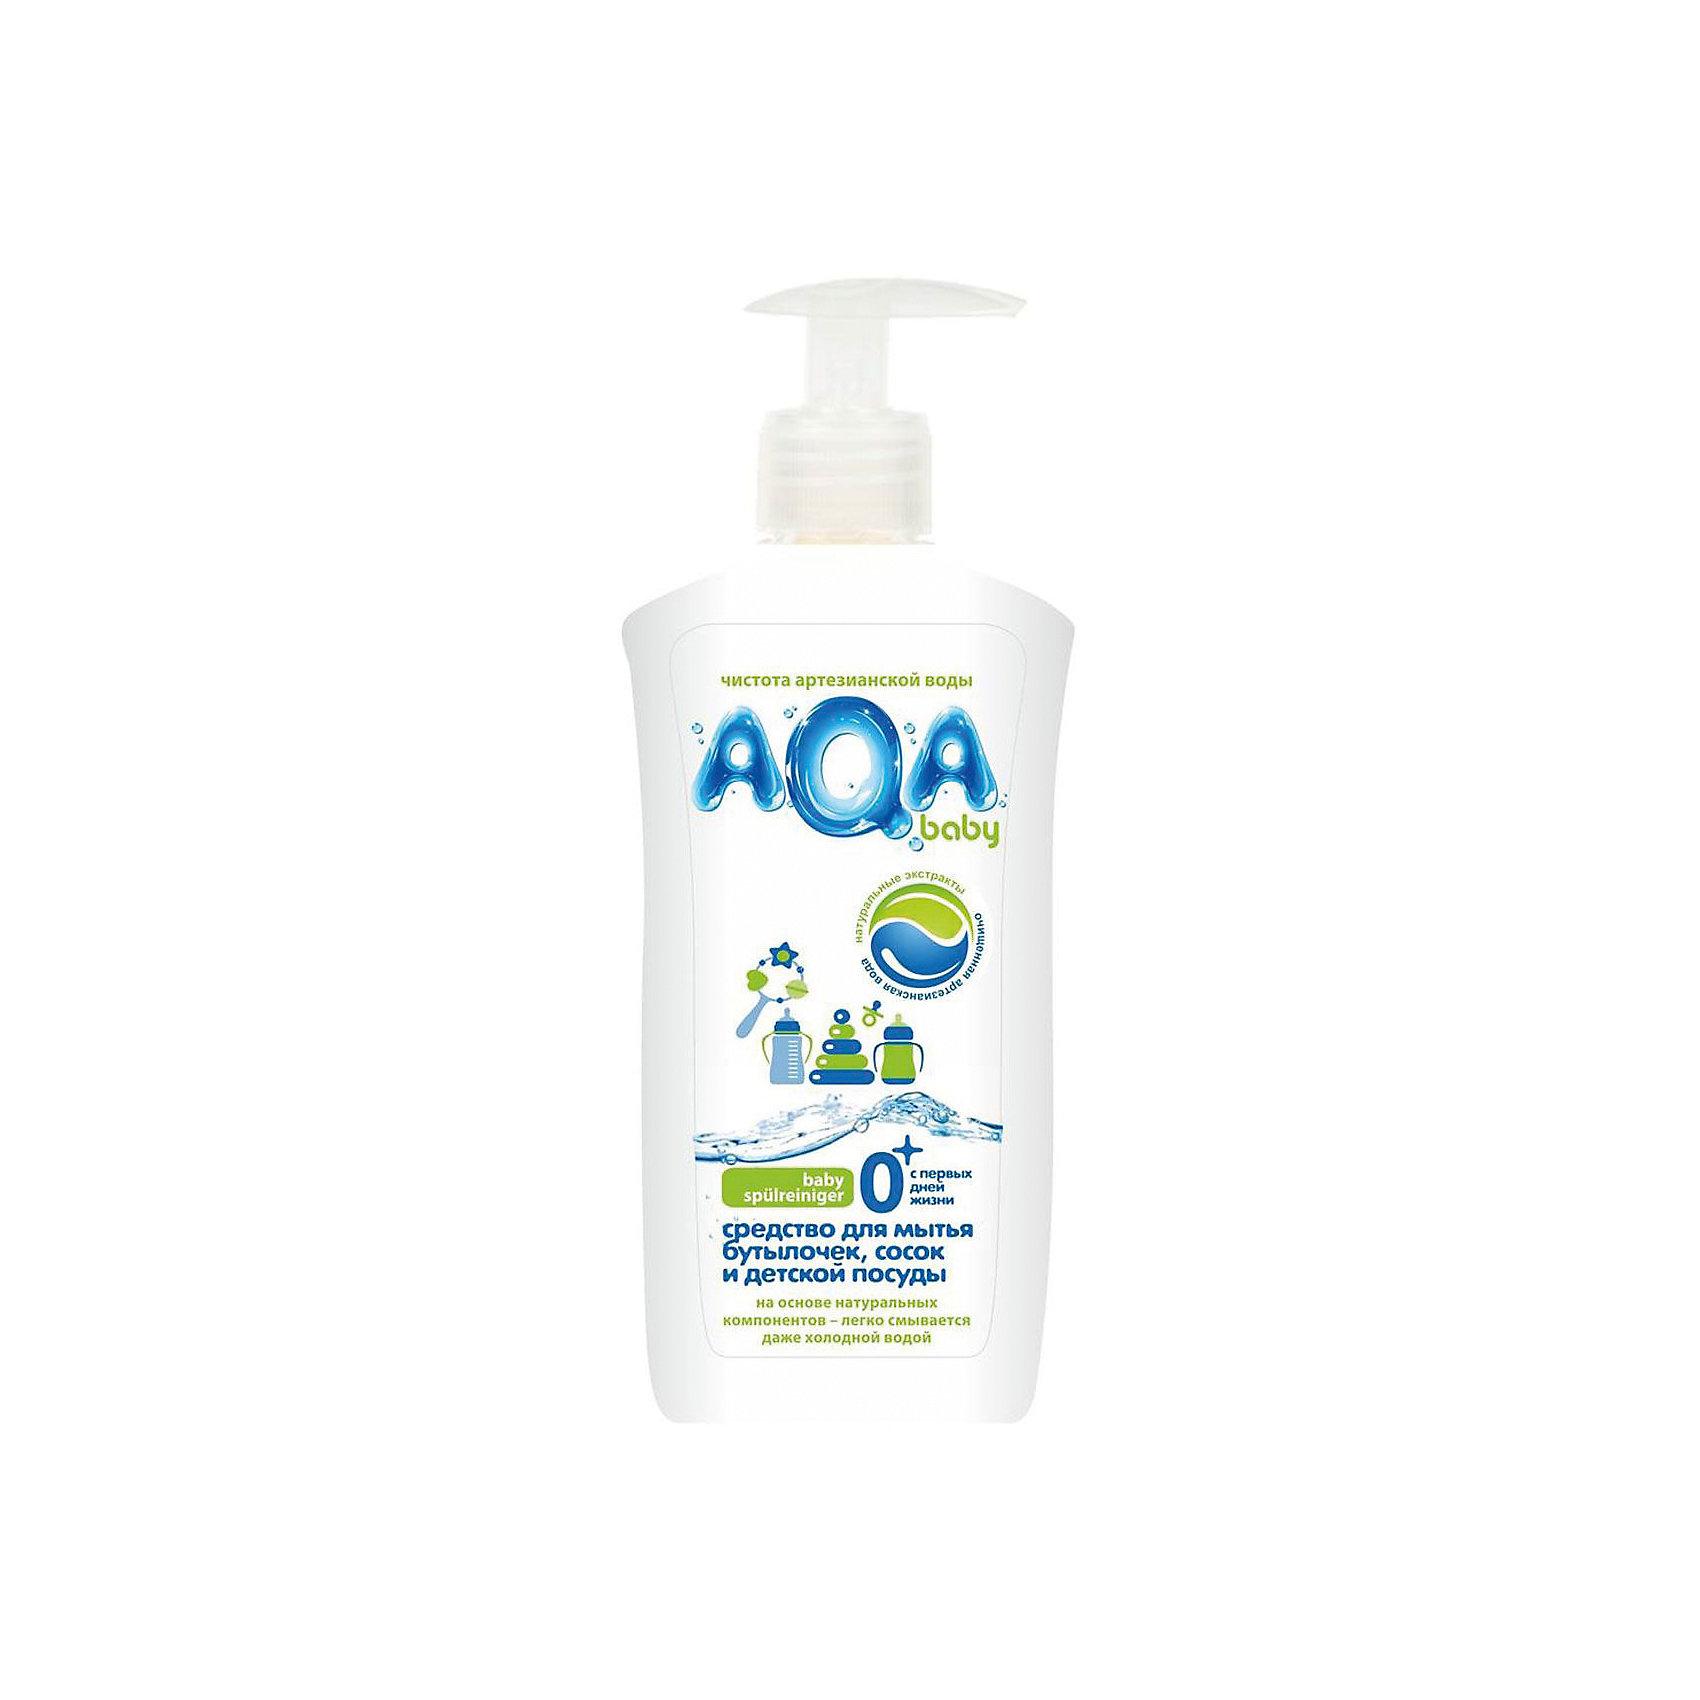 Средство для мытья бутылочек, сосок и детской посуды, AQA babyБытовая химия<br>Эффективно удаляет пищевые загрязнения с детской посуды, сосок, бутылочек. Полностью безопасно для младенцев с первых дней жизни: специальная комбинация из нескольких мягких ПАВов эффективно удаляет пищевые загрязнения с детской посуды, сосок и т.д.<br>При этом средство быстро и легко смывается водой, не оседая на посуде<br>Подходит для мытья овощей и фруктов<br>Не раздражает и не сушит кожу рук<br>Не содержит «плохих» консервантов <br>(формальдегидов и т.д.), фосфатов и красителей<br>Не вызывает аллергии<br>Экономично в использовании<br>С удобным дозатором<br>Объем: 500 мл<br><br>Ширина мм: 205<br>Глубина мм: 500<br>Высота мм: 82<br>Вес г: 460<br>Возраст от месяцев: 0<br>Возраст до месяцев: 36<br>Пол: Унисекс<br>Возраст: Детский<br>SKU: 4729820